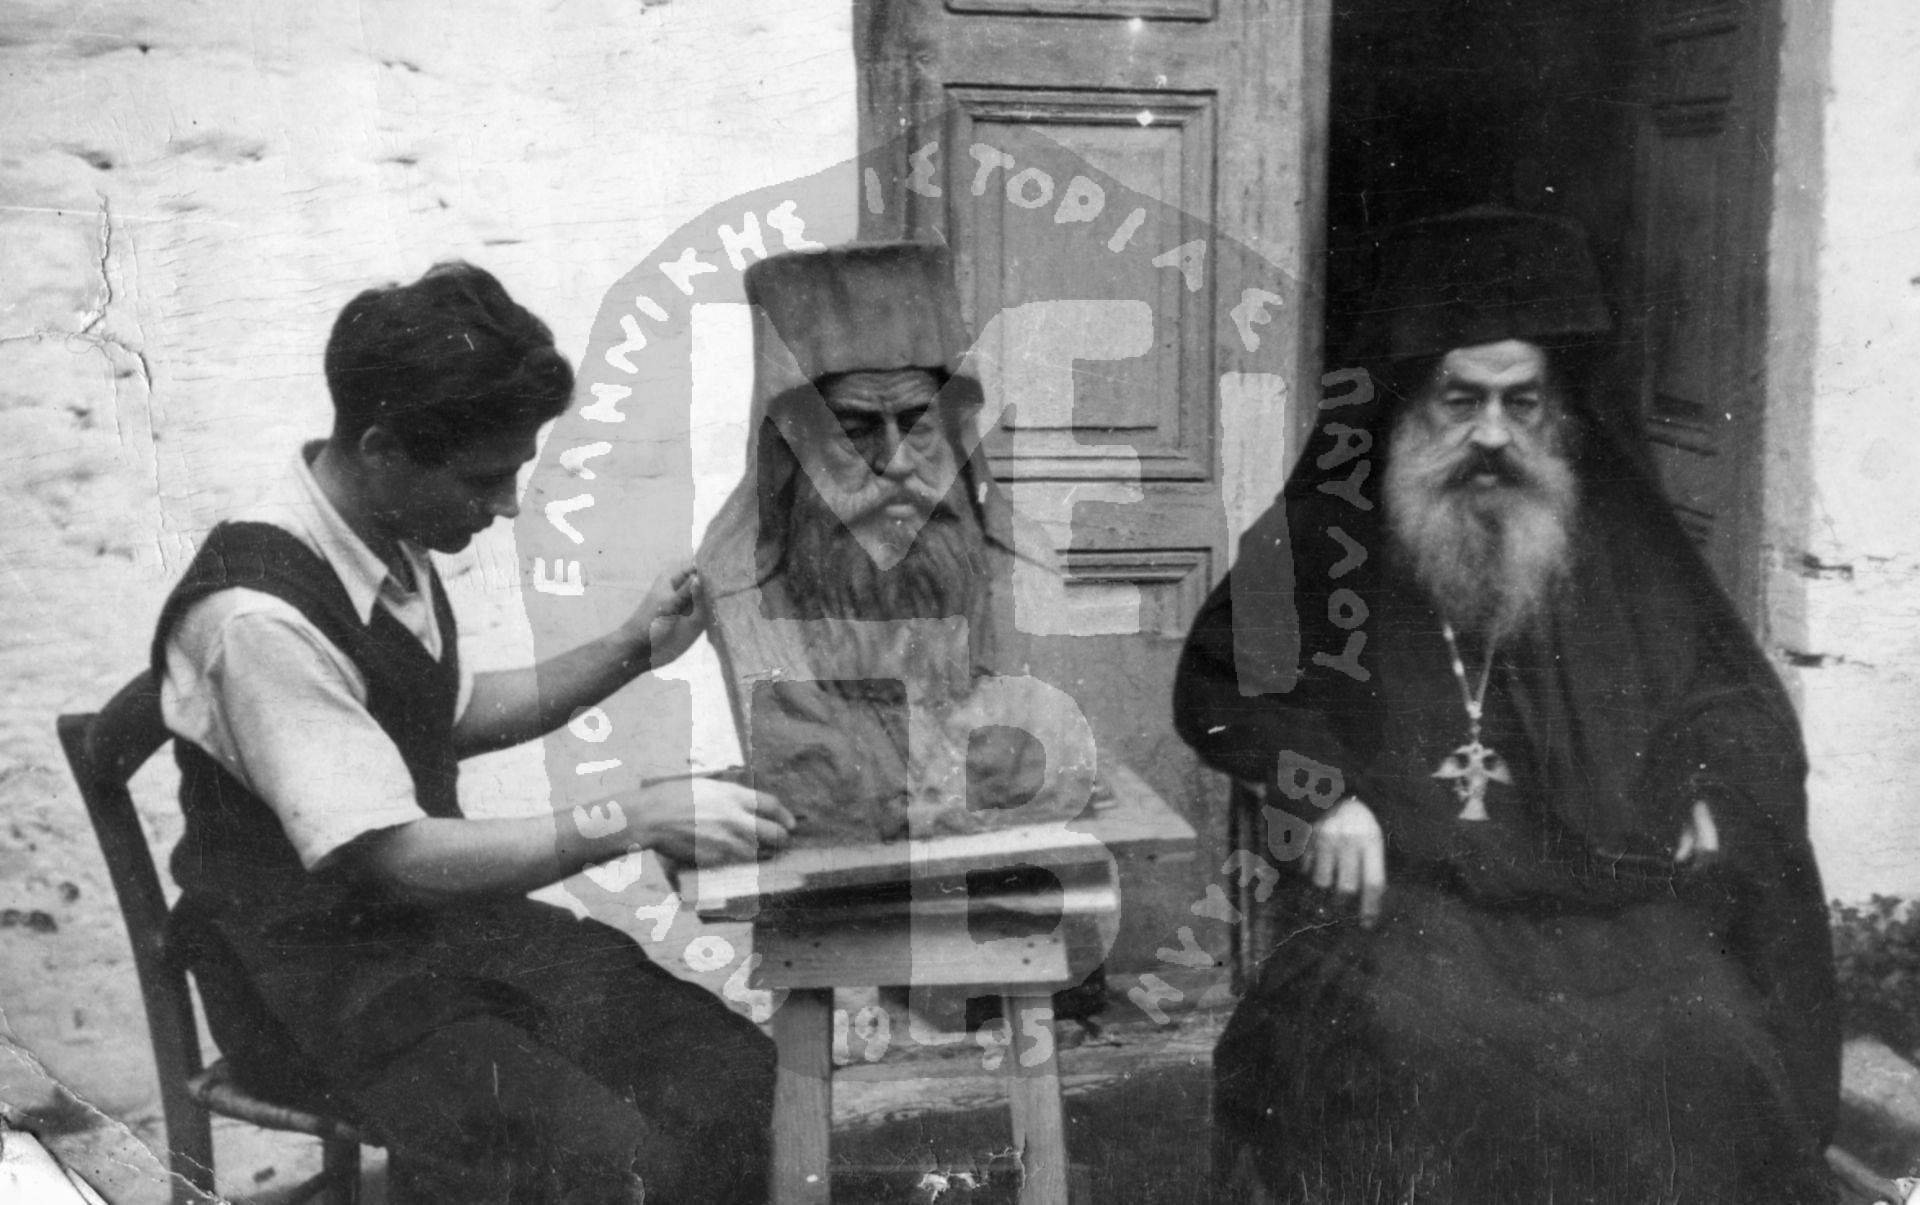 Προτομή Αρχιεπίσκοπου Σπυρίδωνα Βλάχου